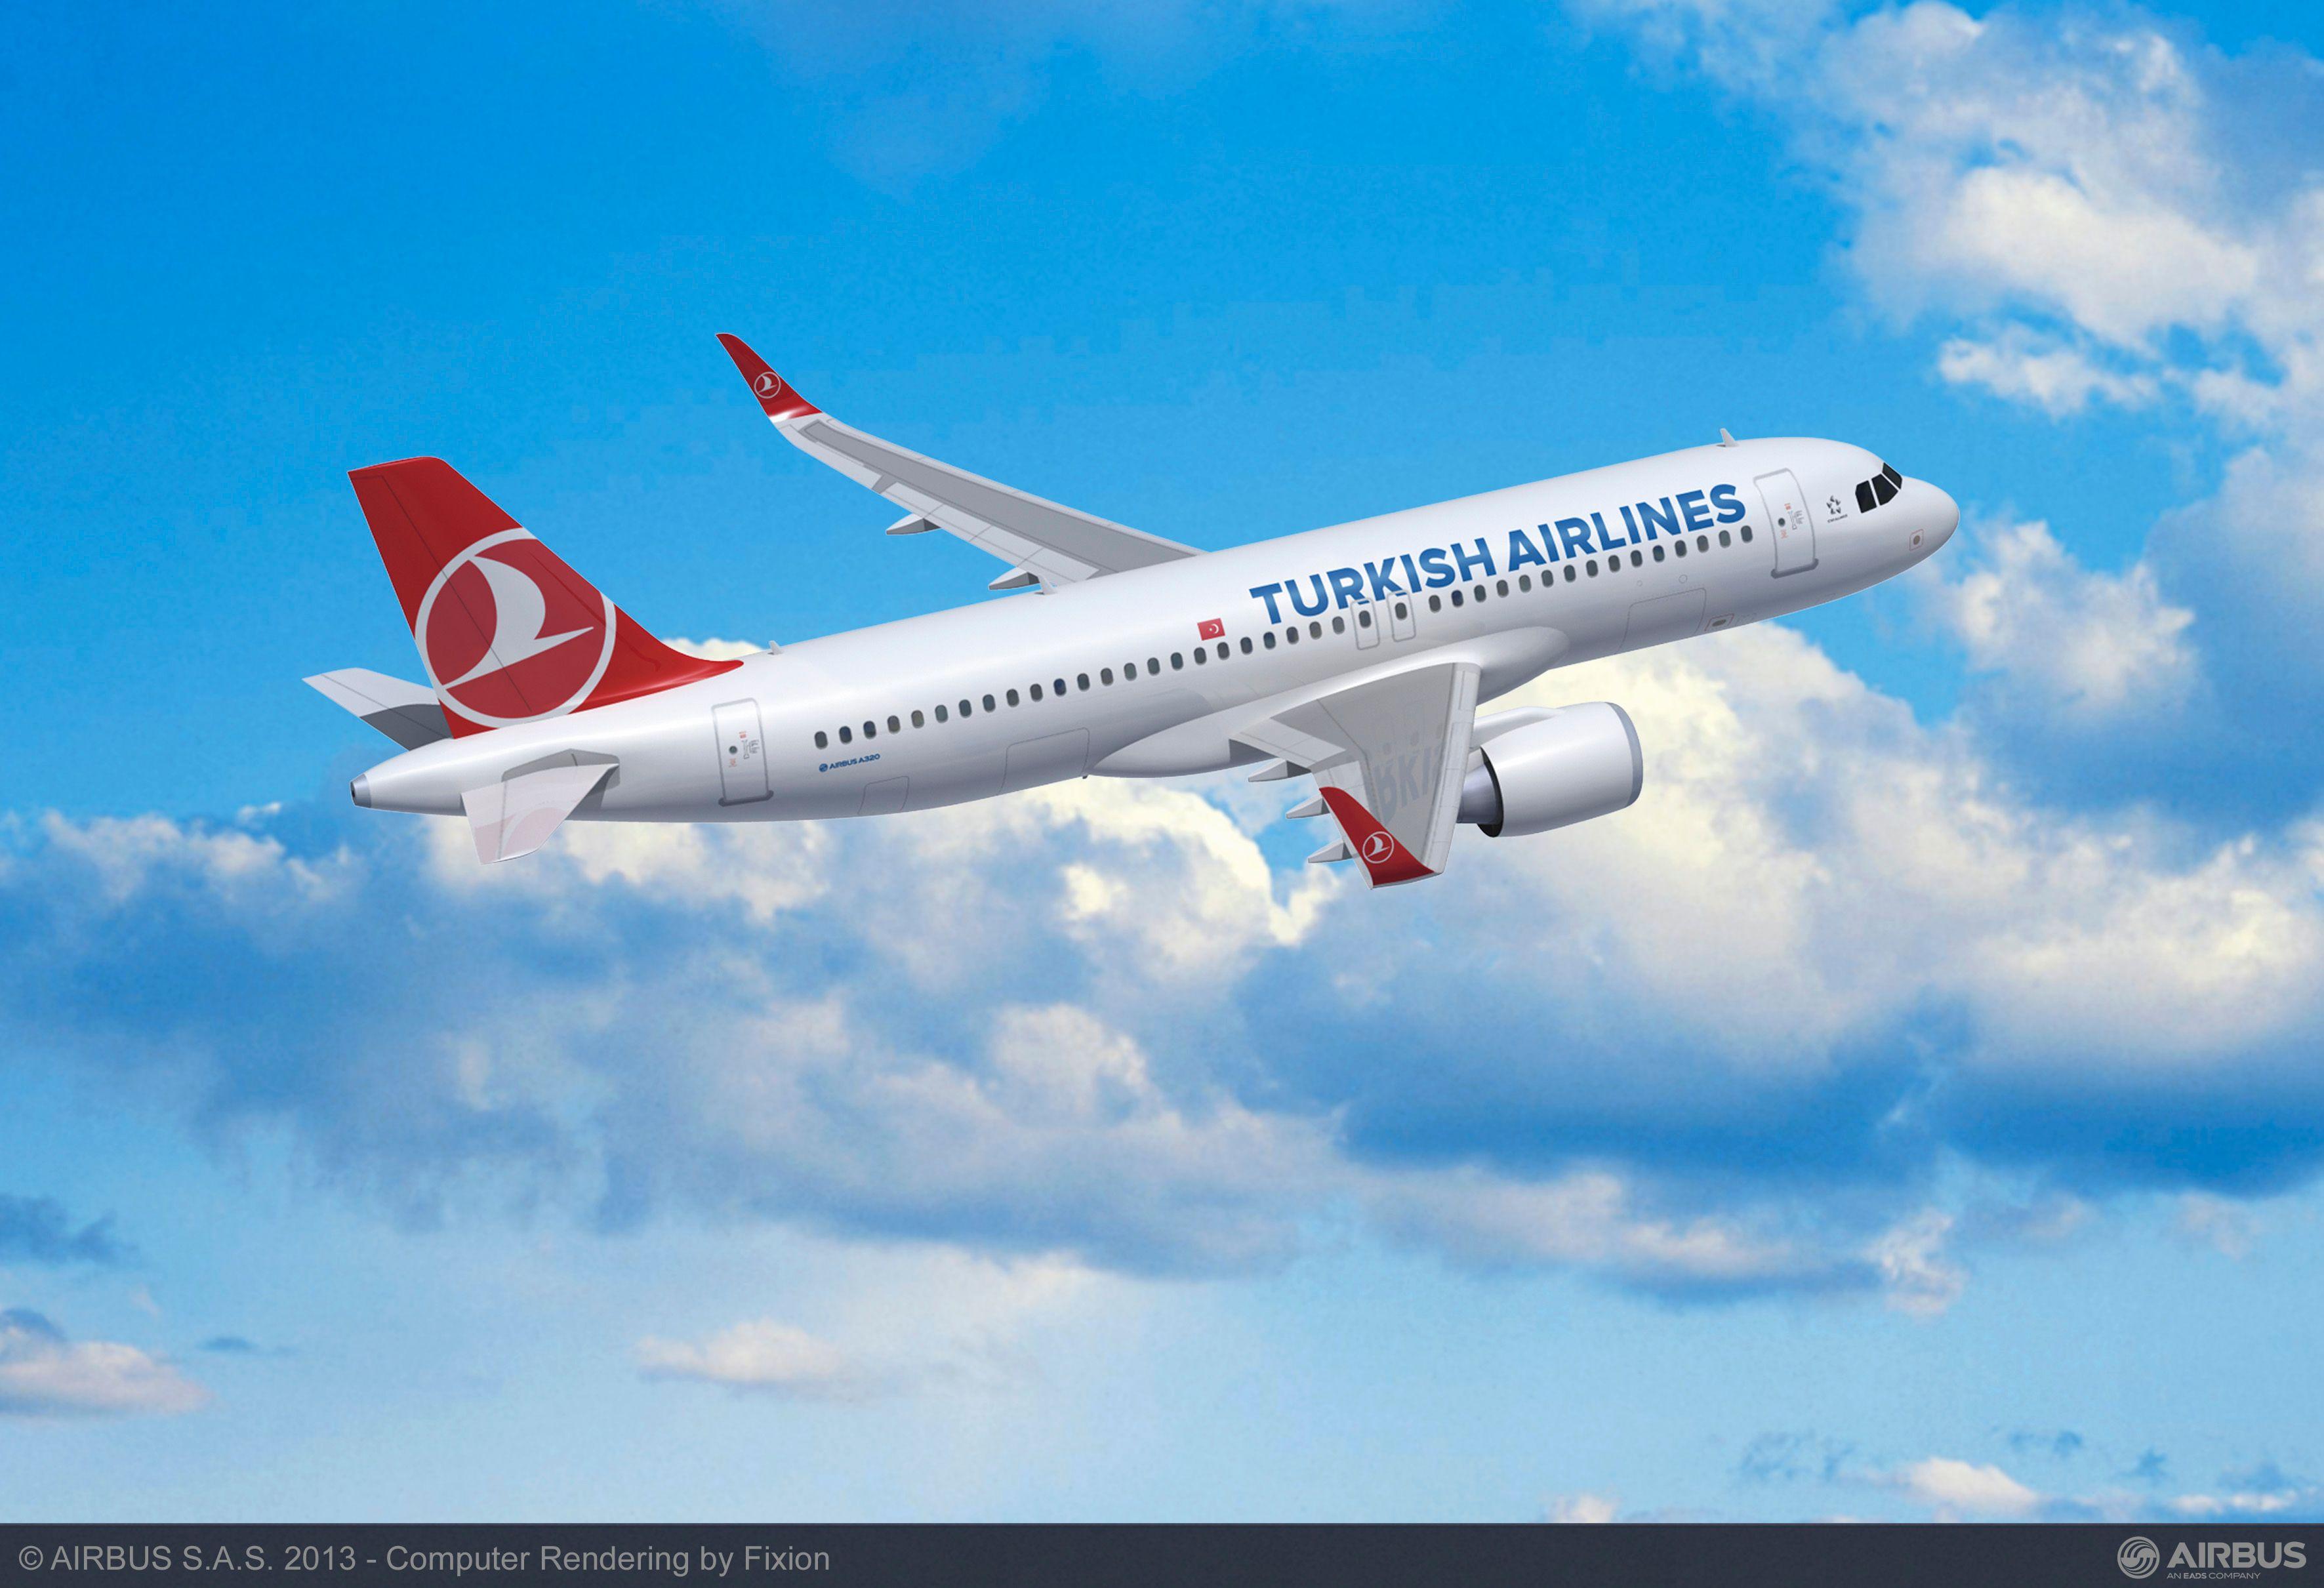 Условия возврата билетов на самолет турецкими авиалиниями